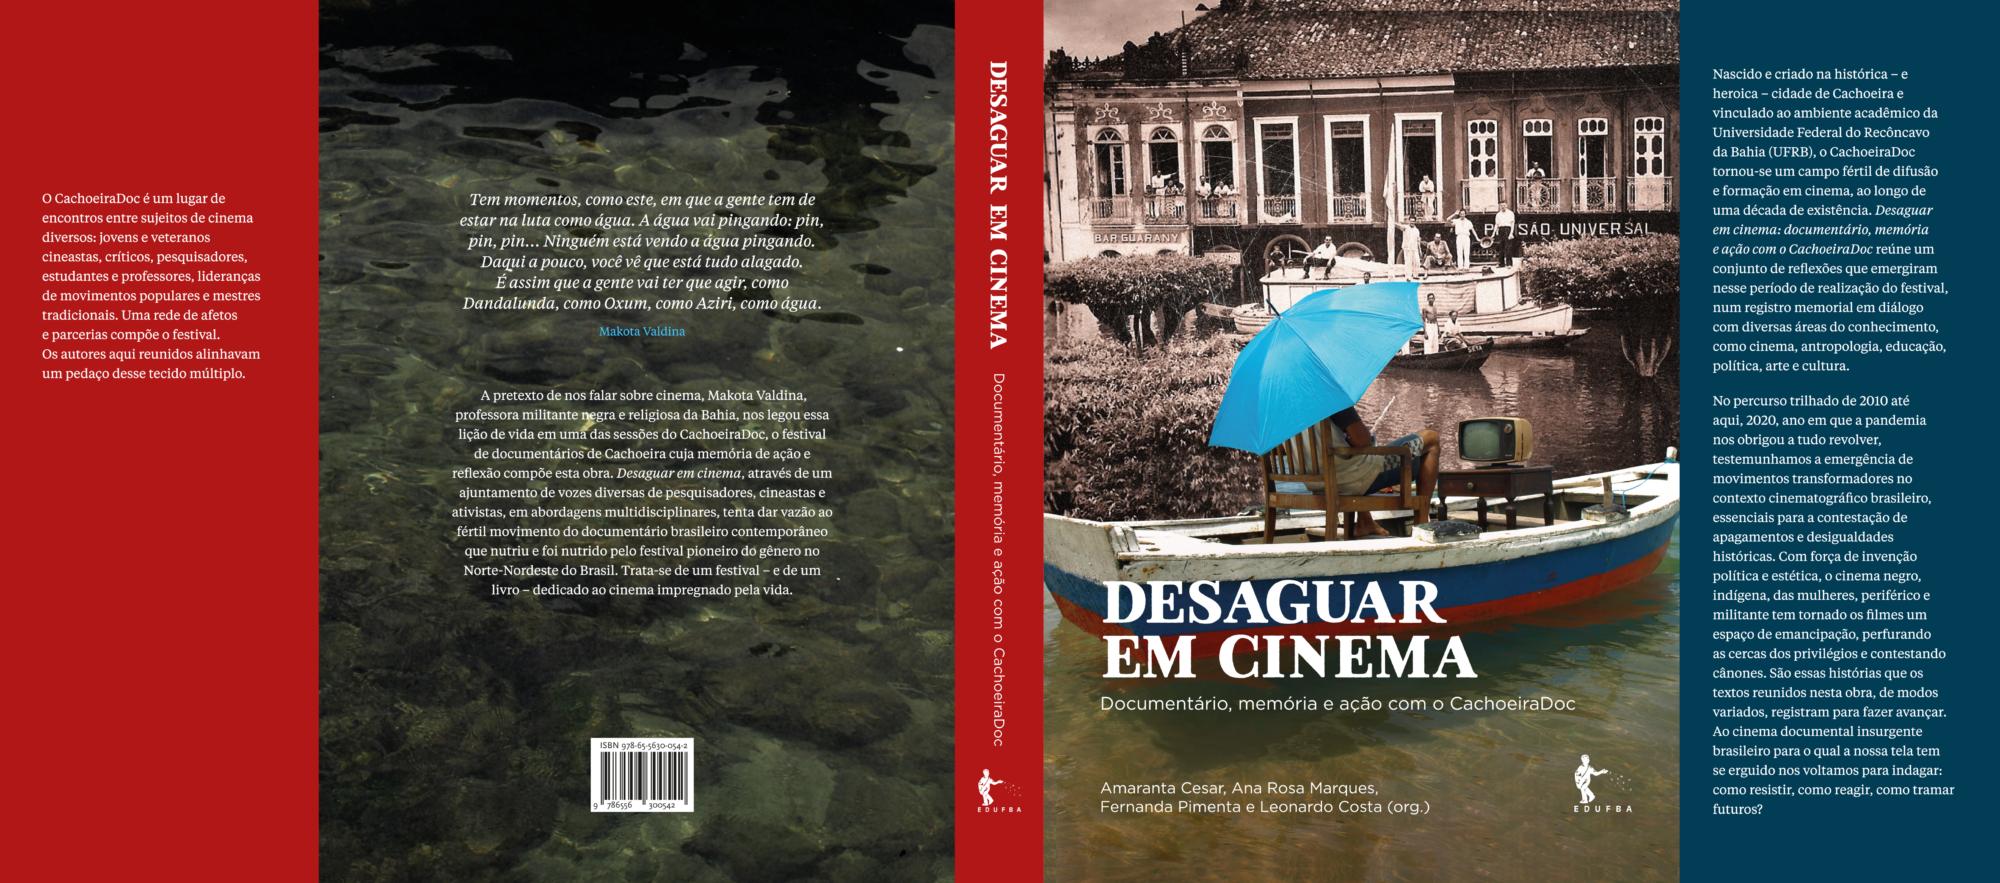 CachoeiraDoc lançará livro em dois encontros online